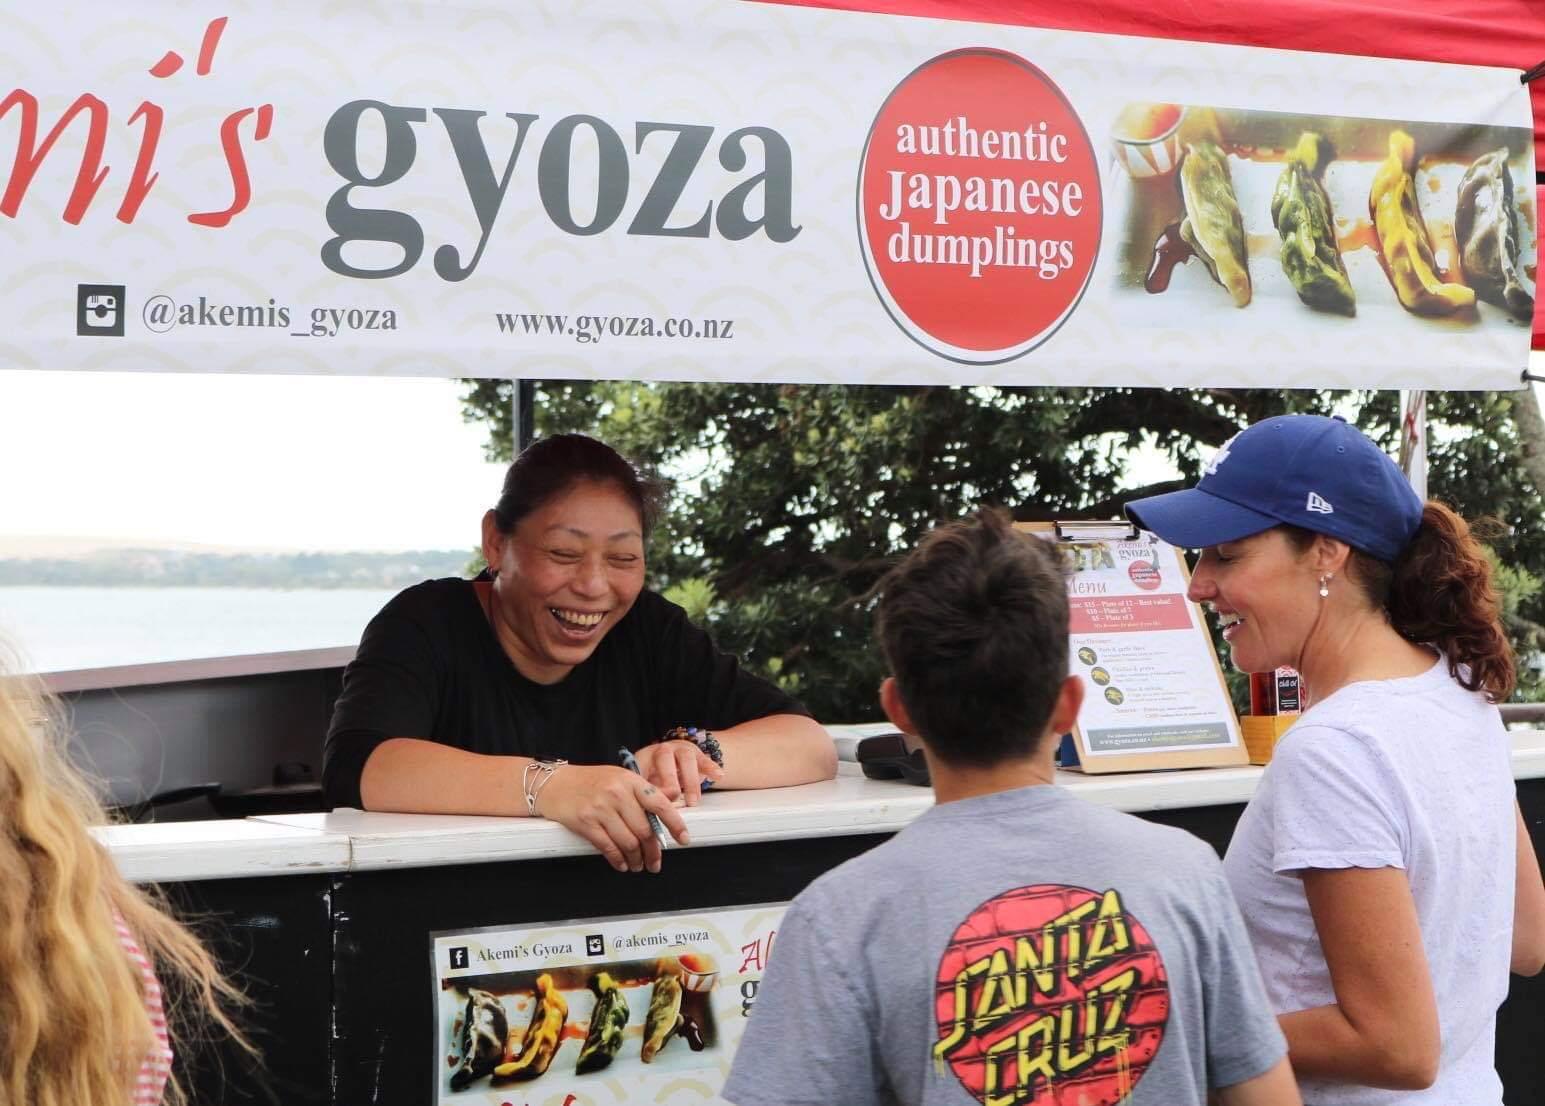 Akemi's Gyoza